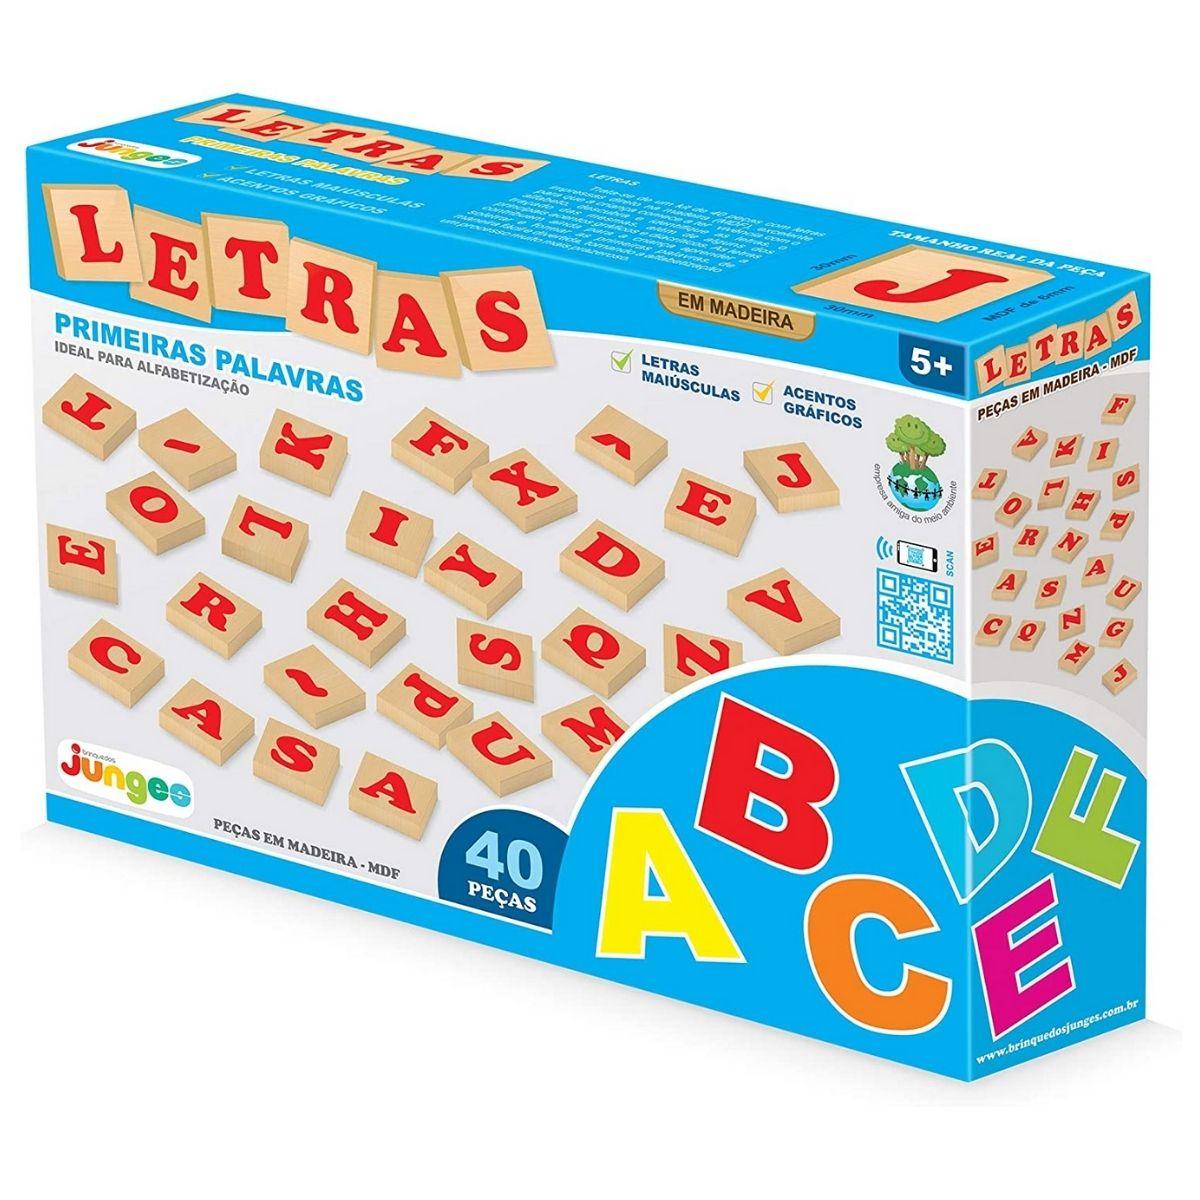 Brinquedo Educativo Mdf Letras Com 40 Peças Da Junges